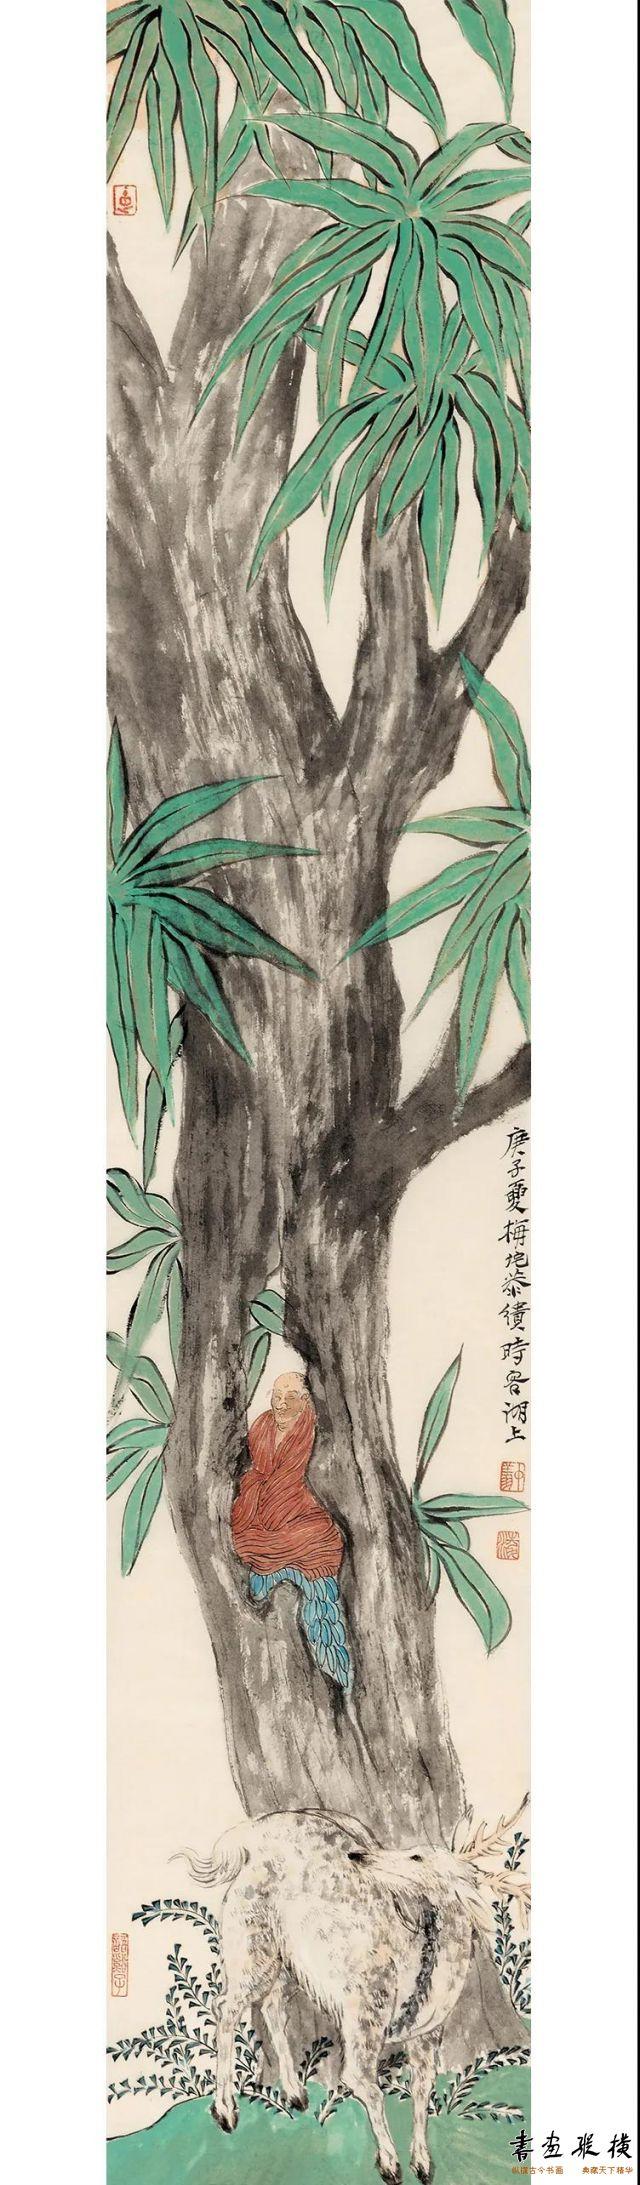 凌中翔祥鹿89cm×17cm纸本设色2020年